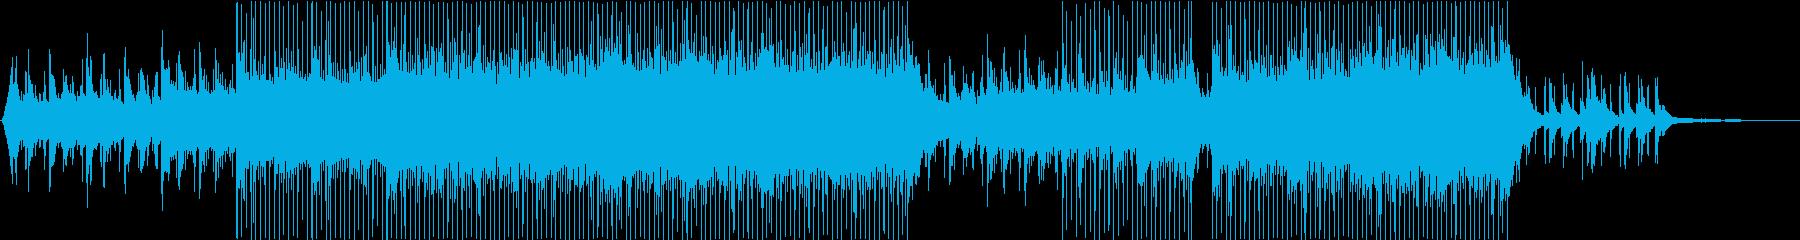 爽やかで爽快なイメージのコーポレート曲の再生済みの波形